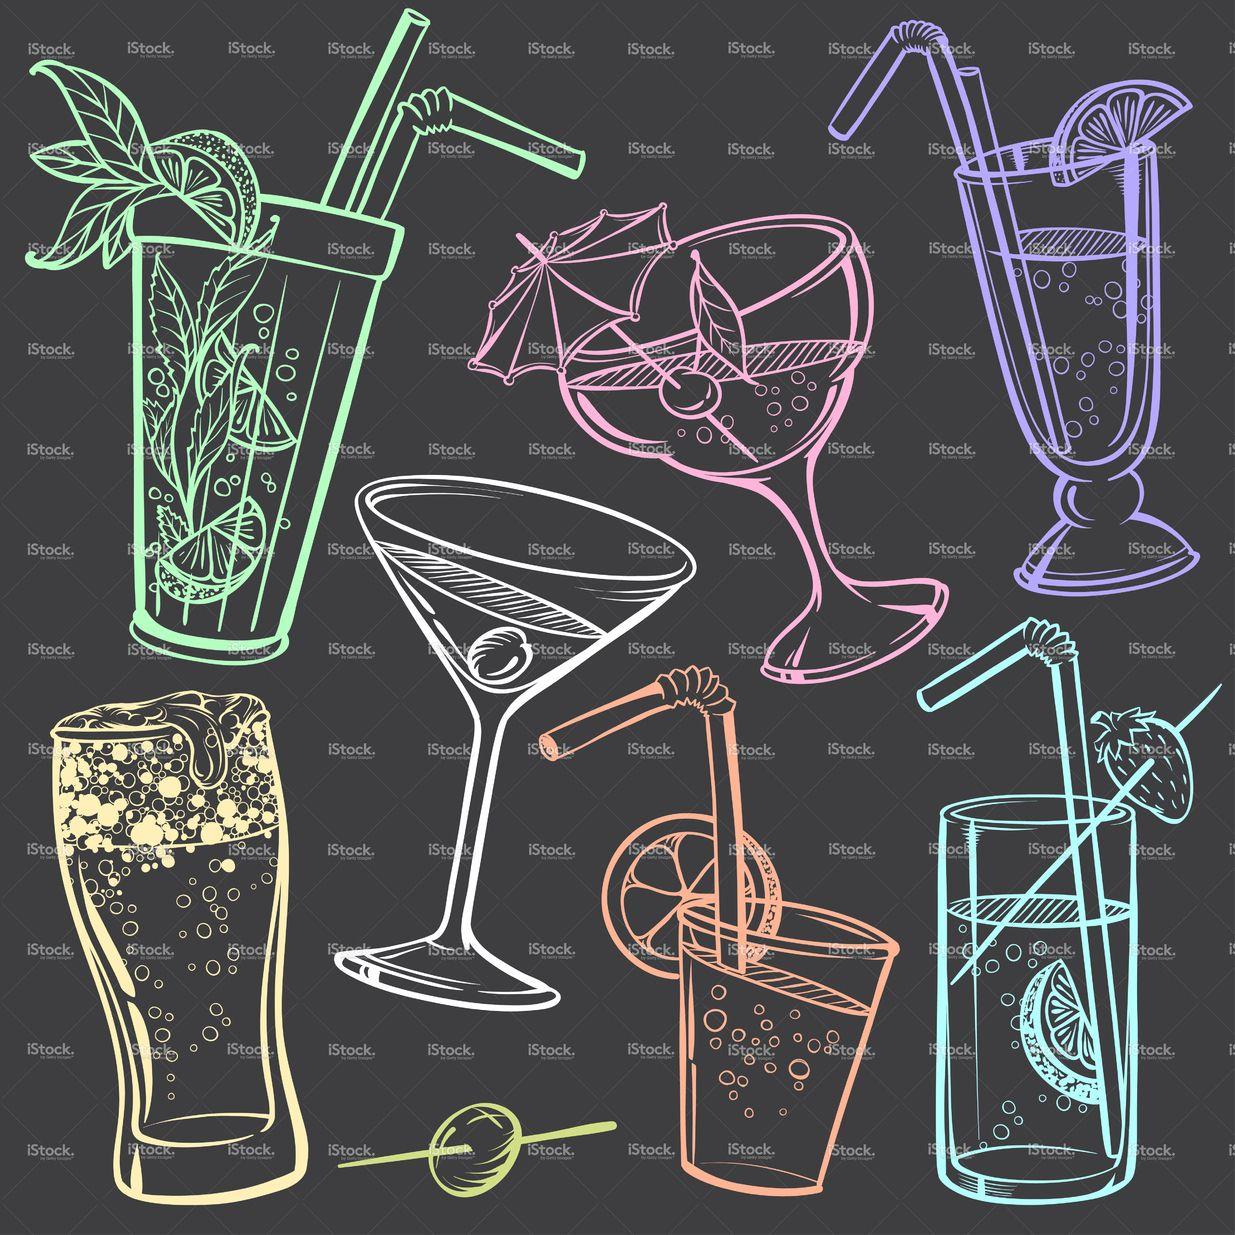 Mão de desenho de giz de bebidas a bordo vetor e ilustração royalty-free 45428064 - iStock